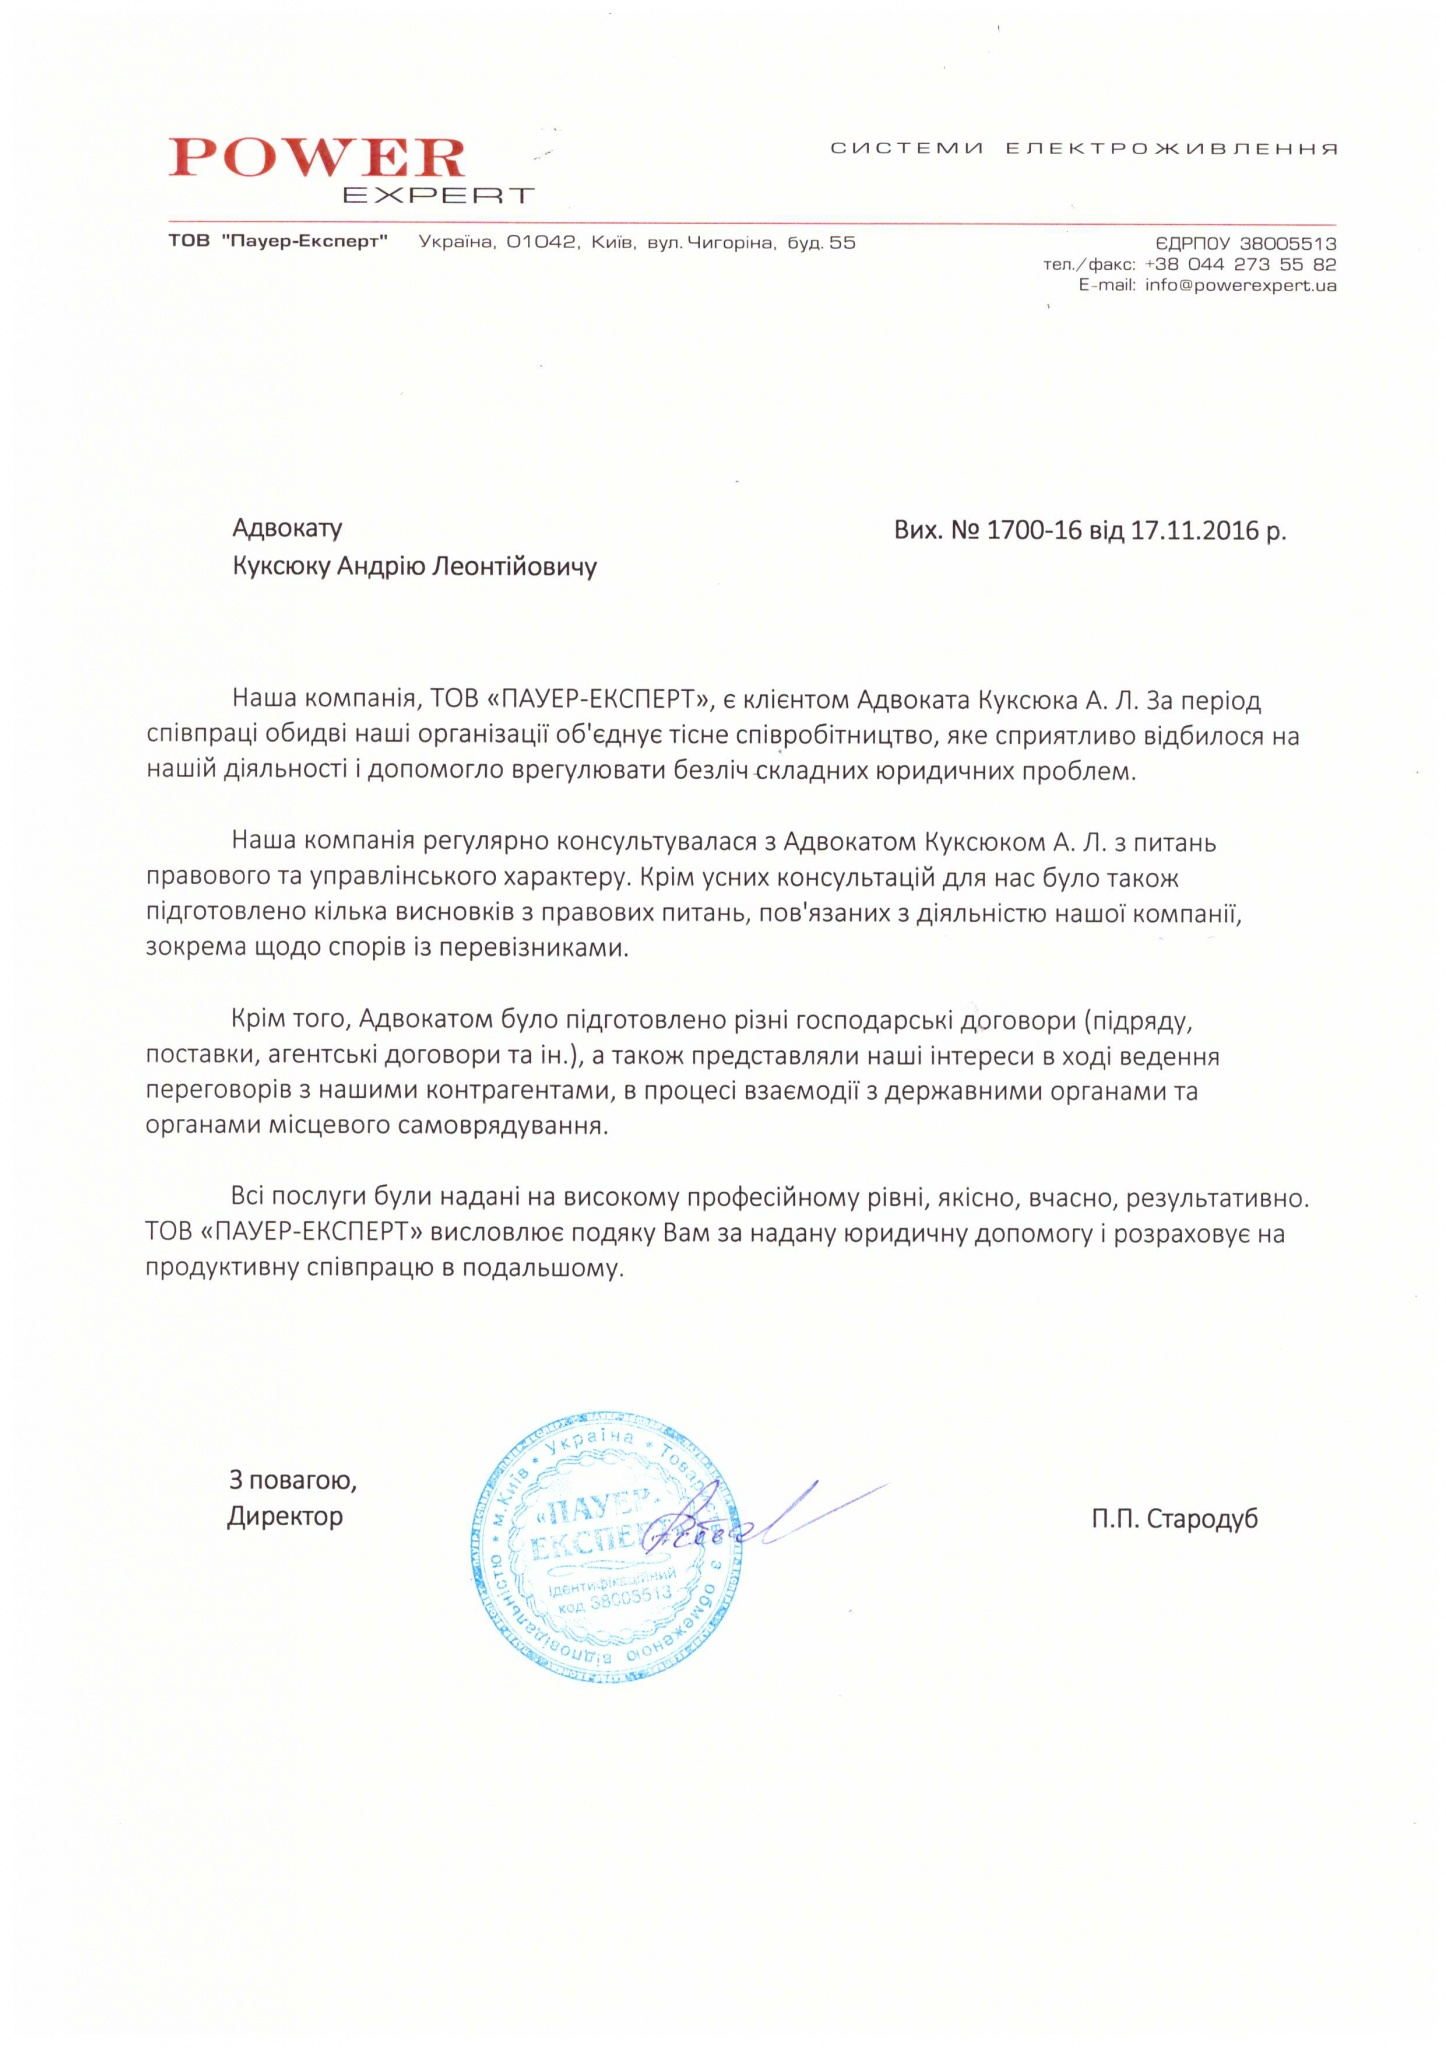 Рекомендательное письмо от Общества с ограниченной ответственностью «ПАУЭР-ЭКСПЕРТ»